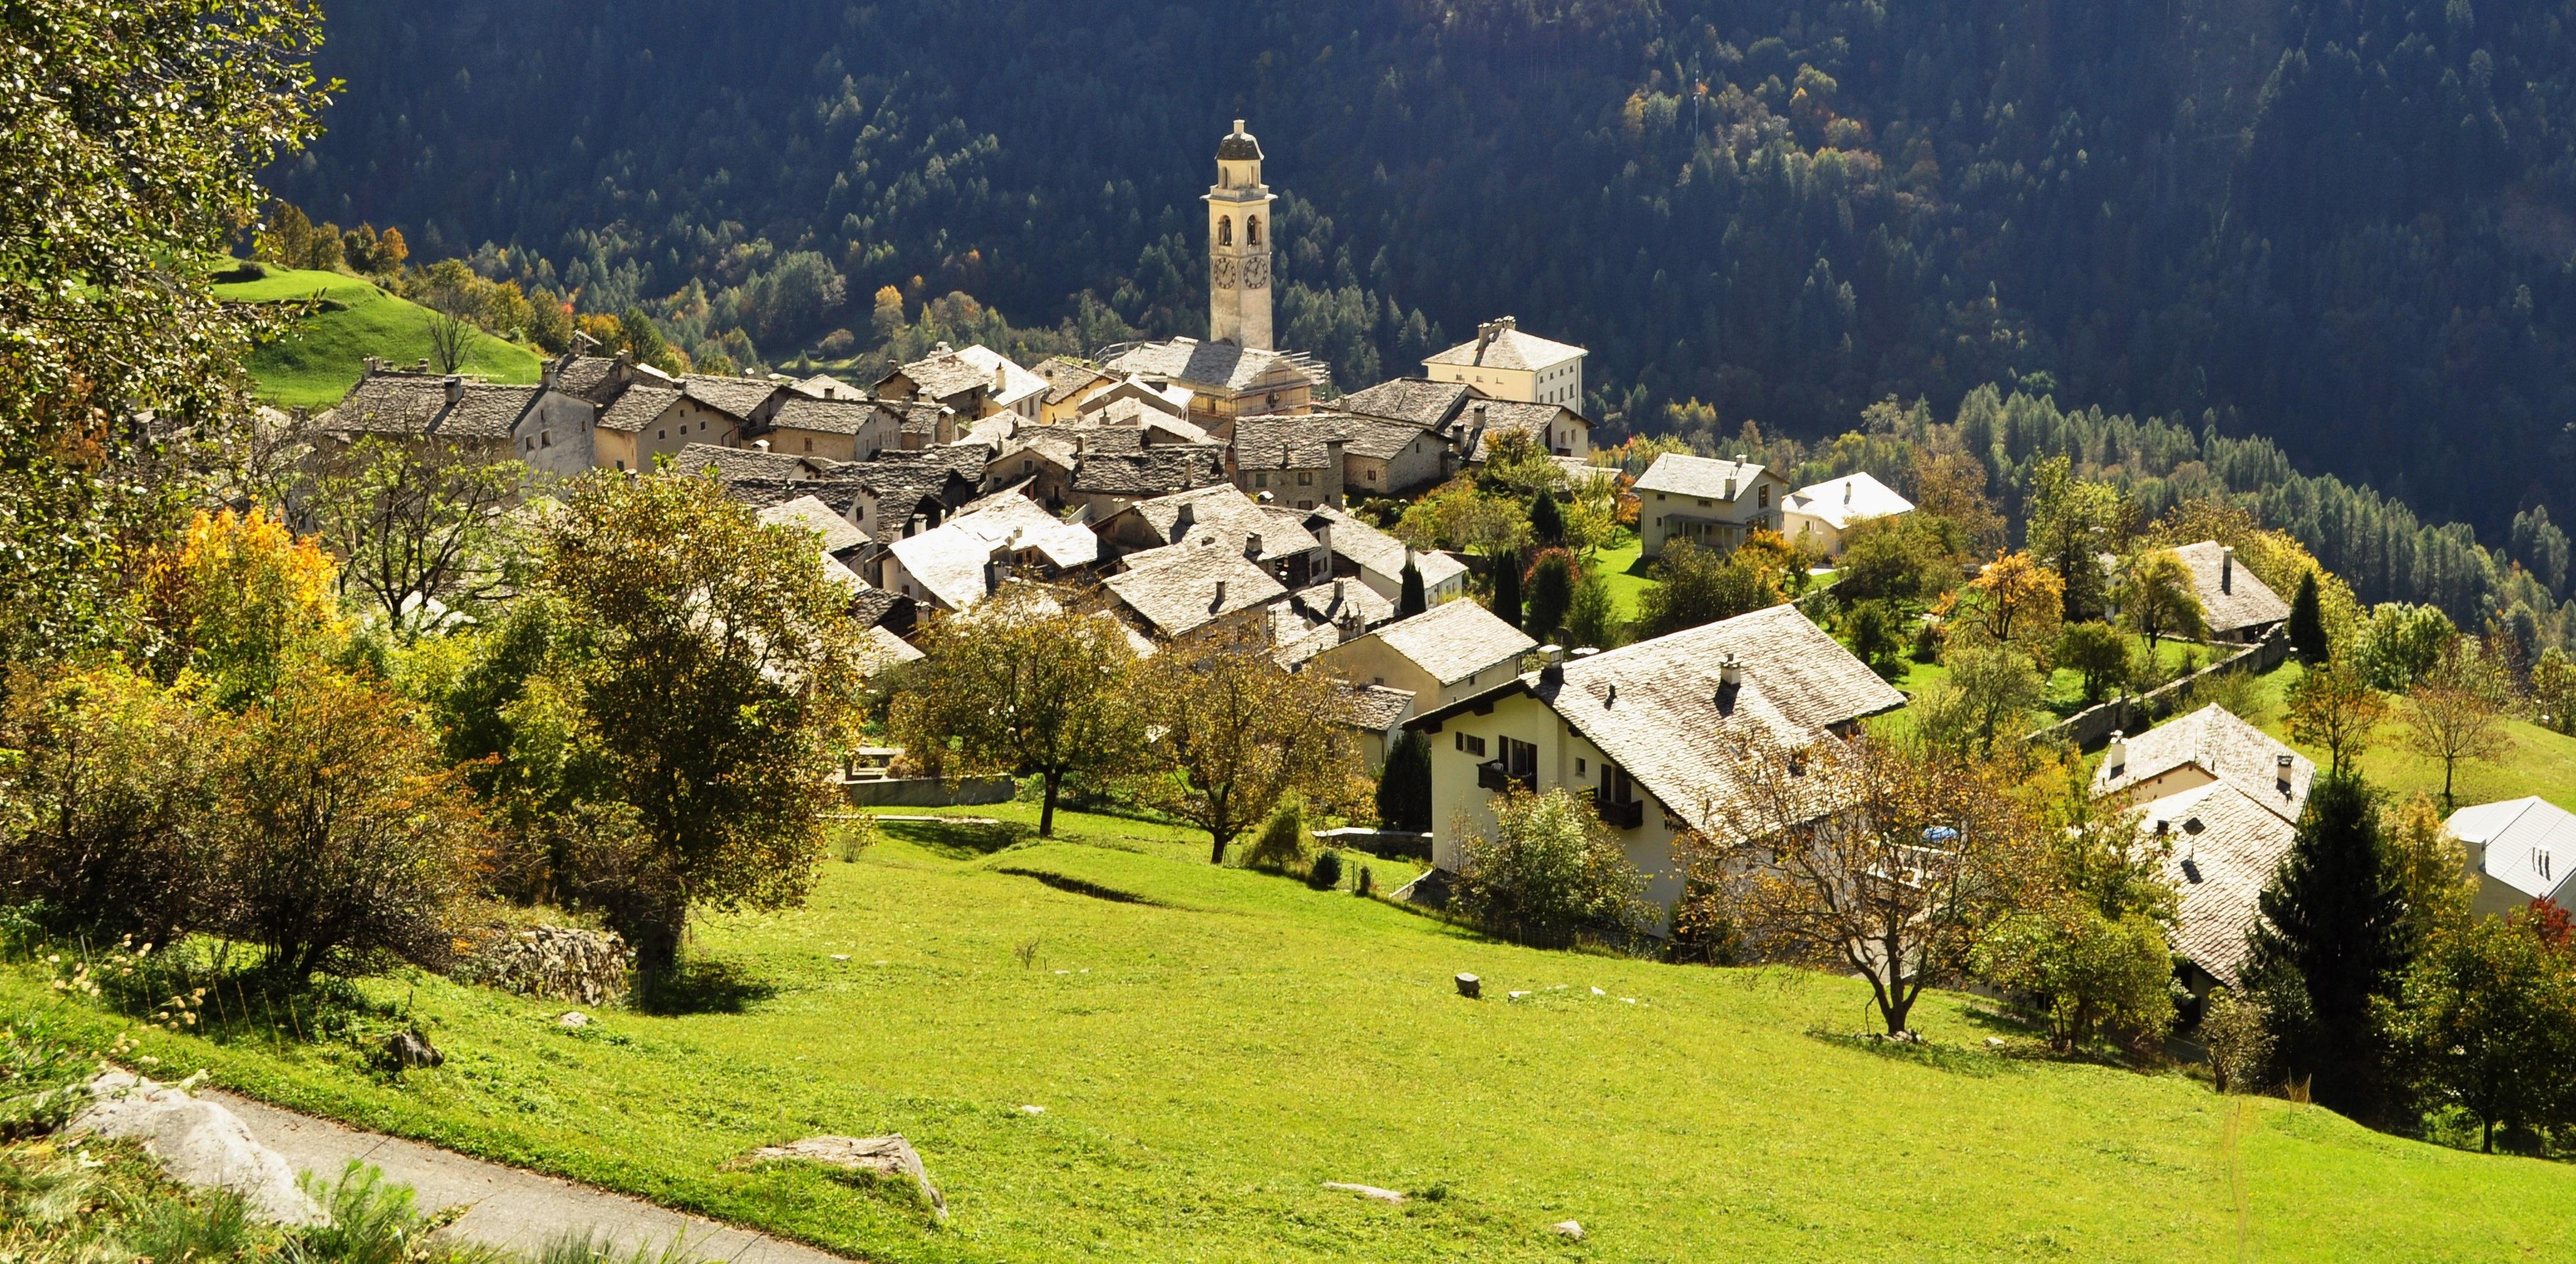 Топ-5 невероятных и при этом неизвестных курортных городков Европы